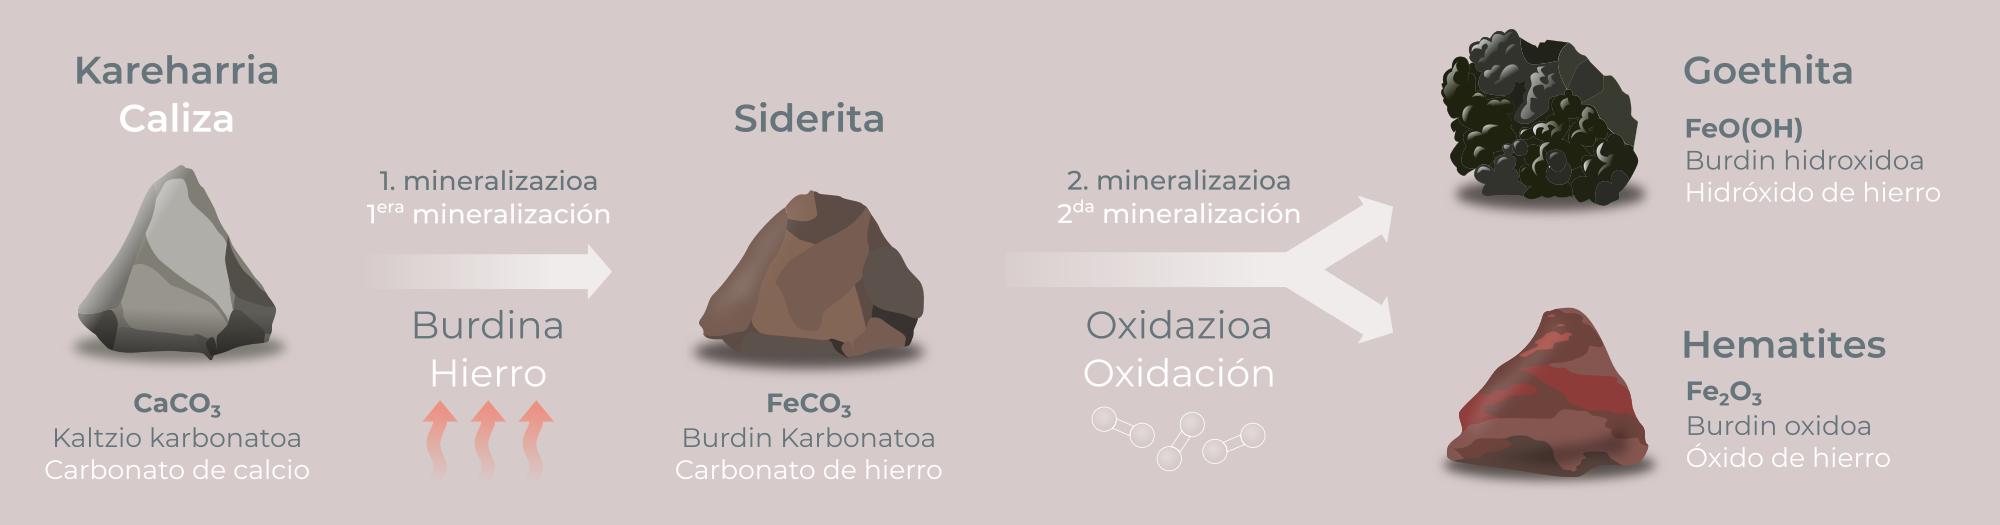 nerbioiko geologia